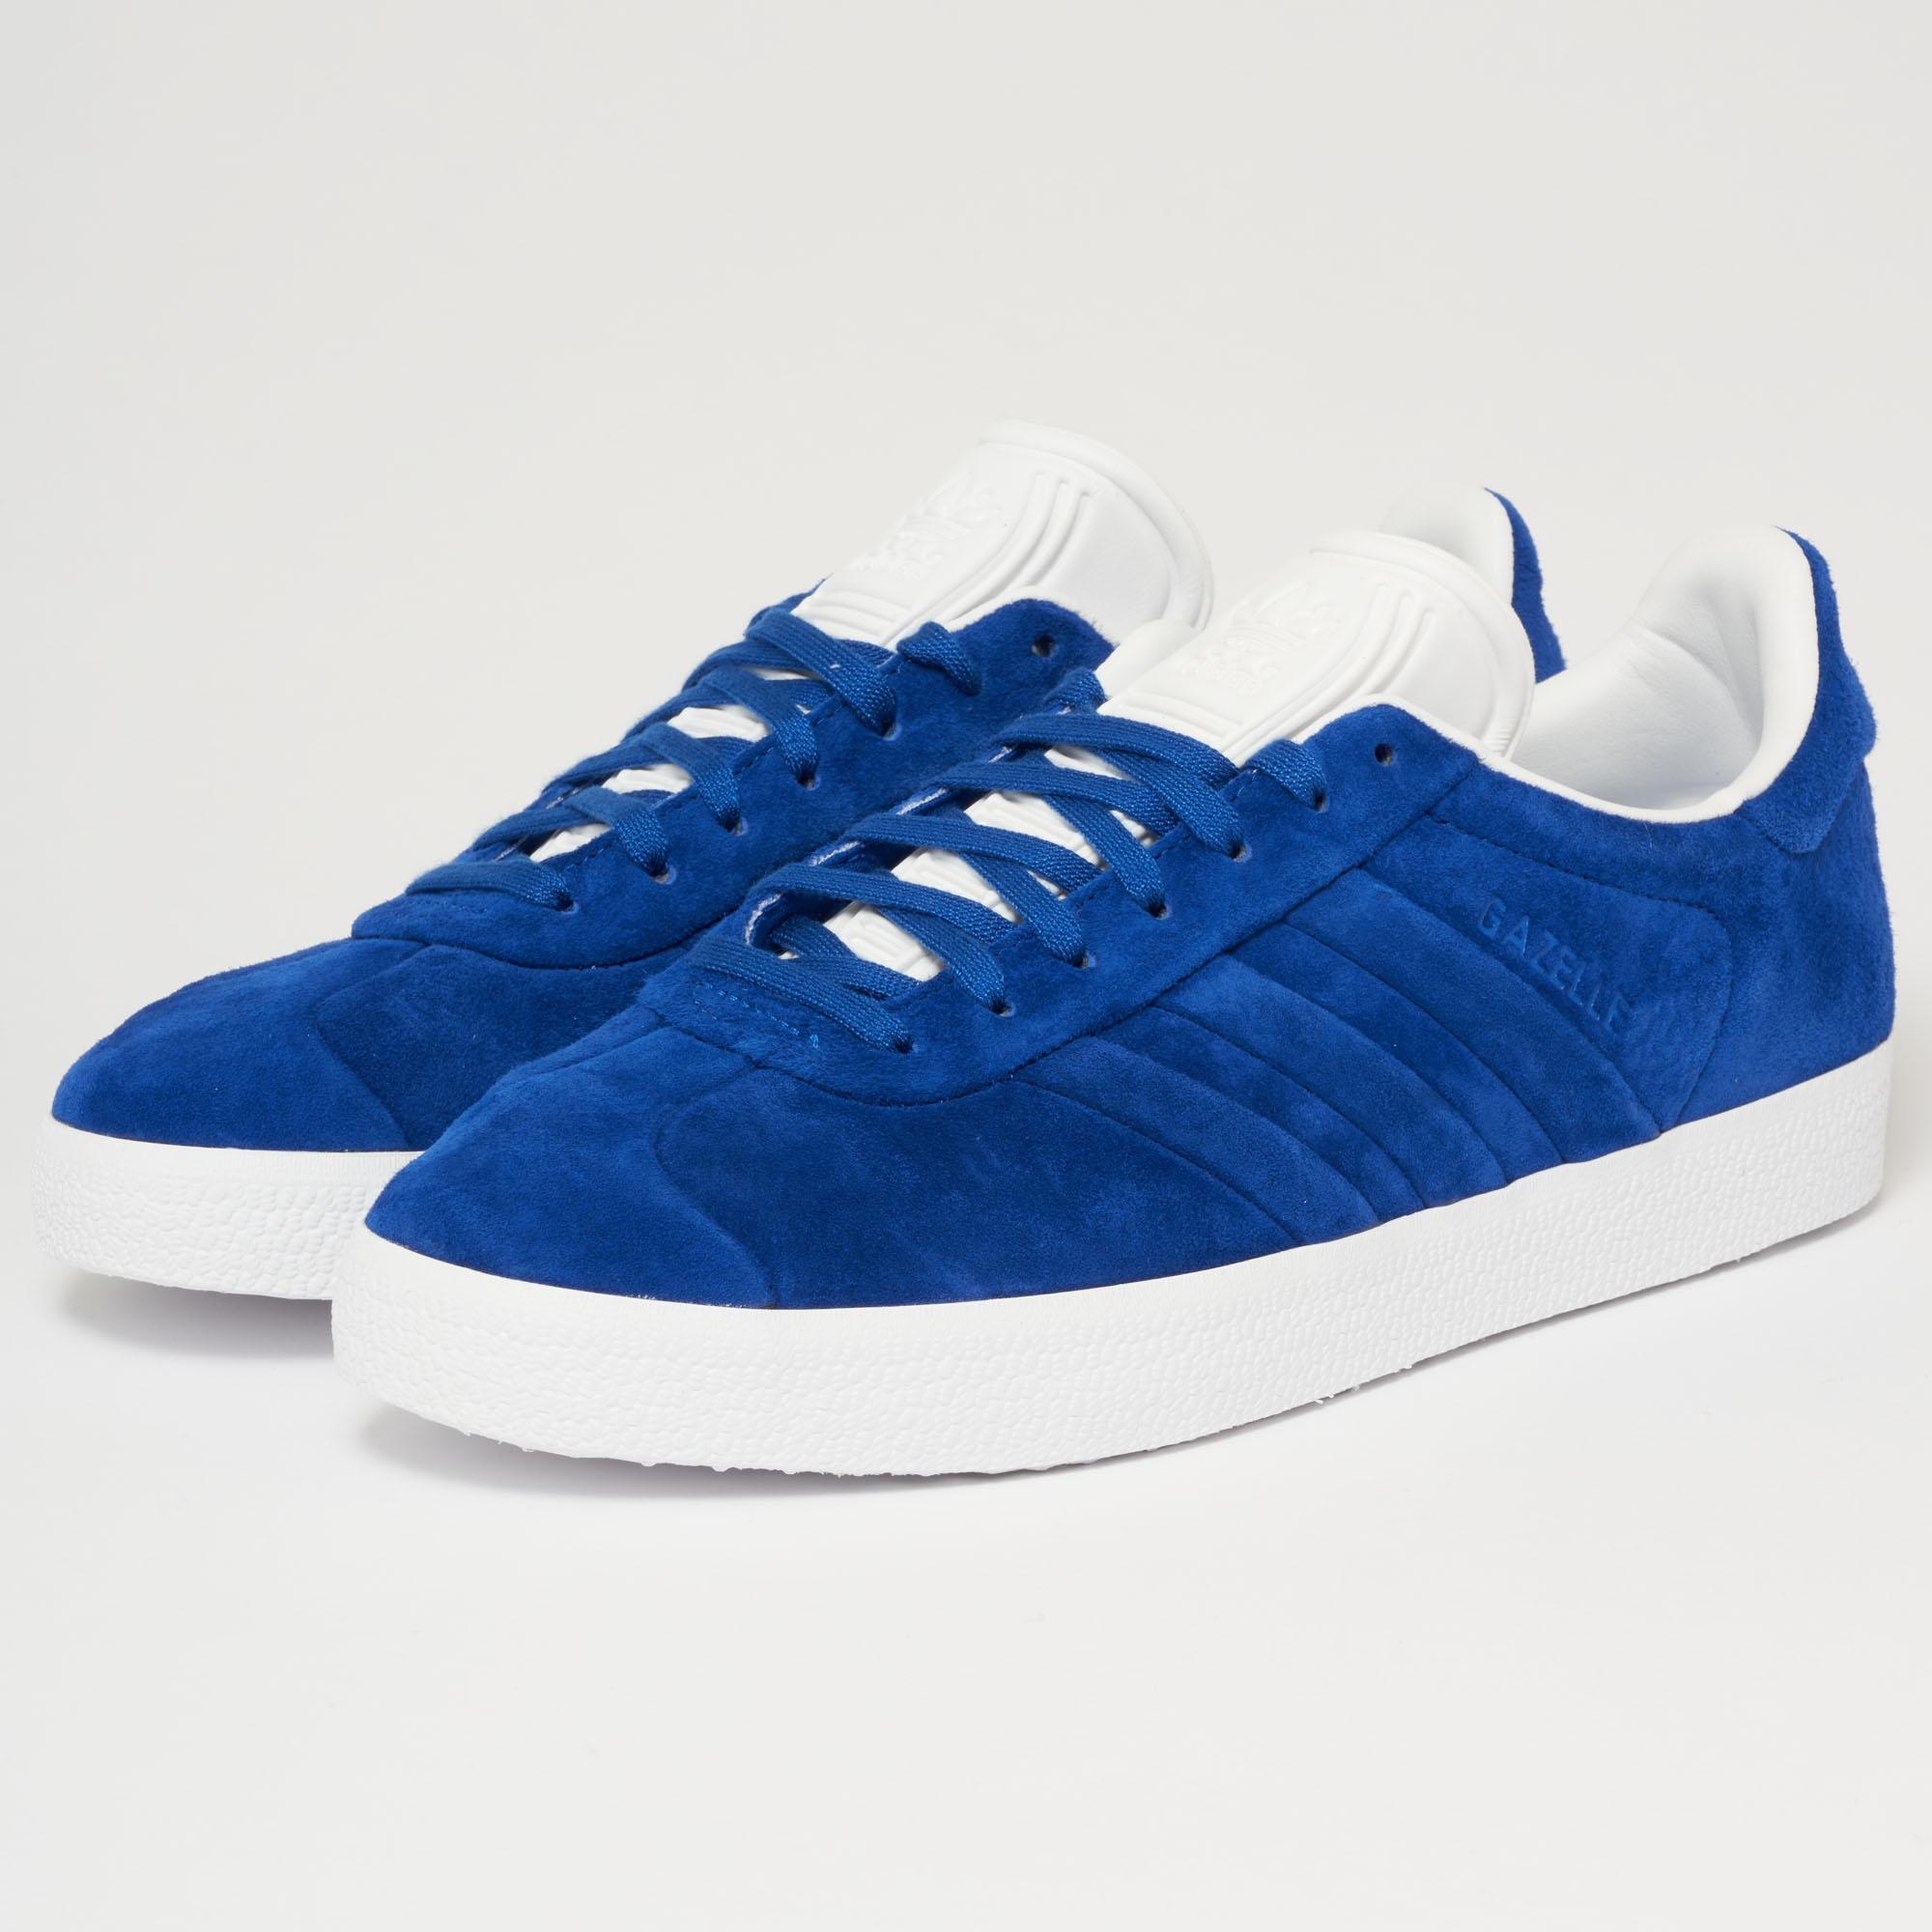 adidas Adidas Gazelle Stitch And Turn Collegiate Royal/ Collegiate Royal/ Ftw White MtZyoV38eQ